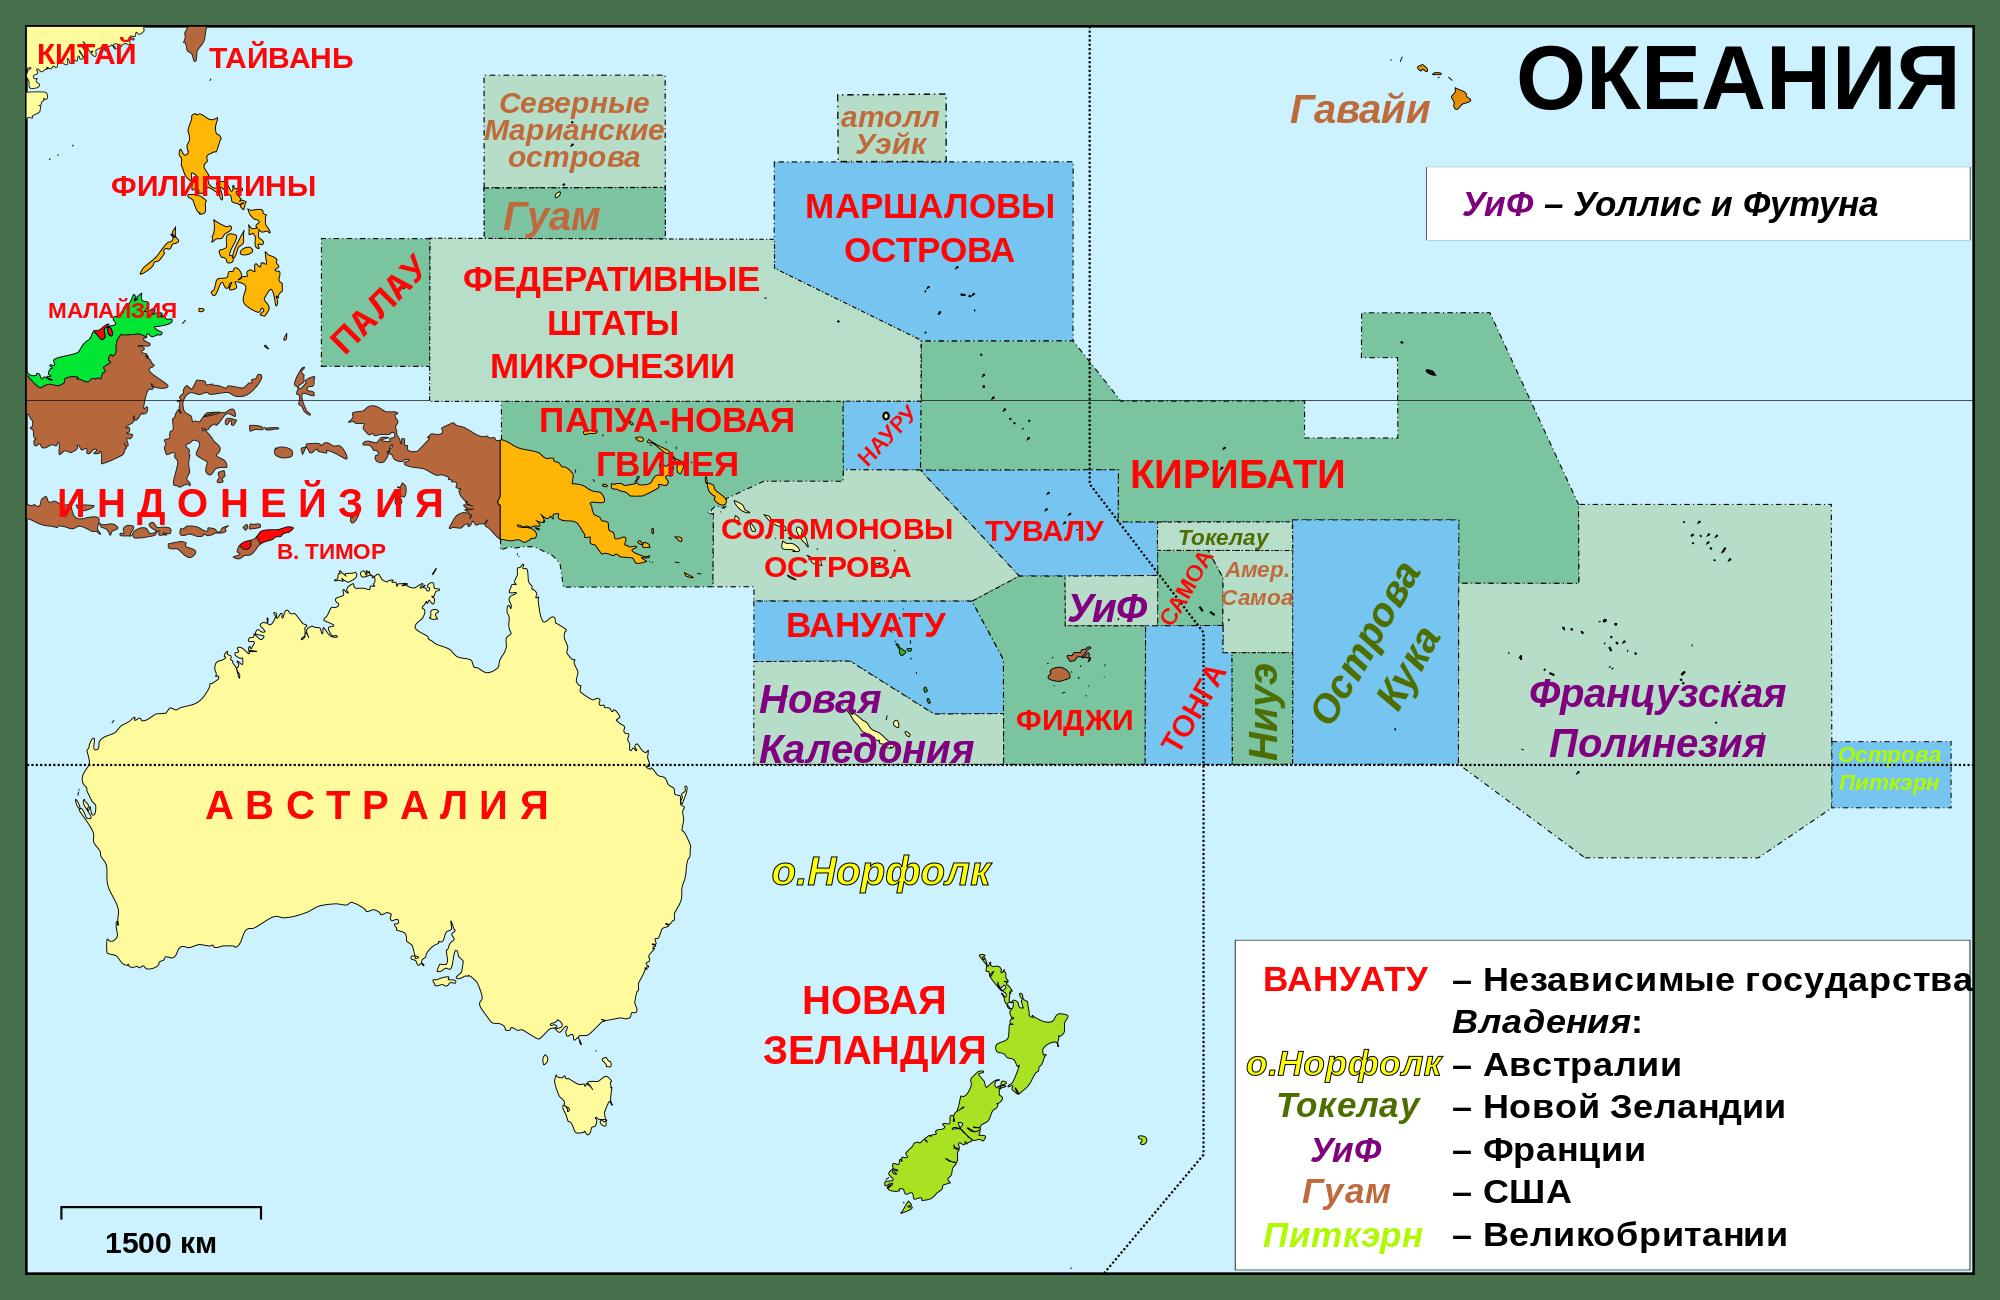 Географические карты Австралии крупным планом на русском языке: физическая, политическая и контурная 3